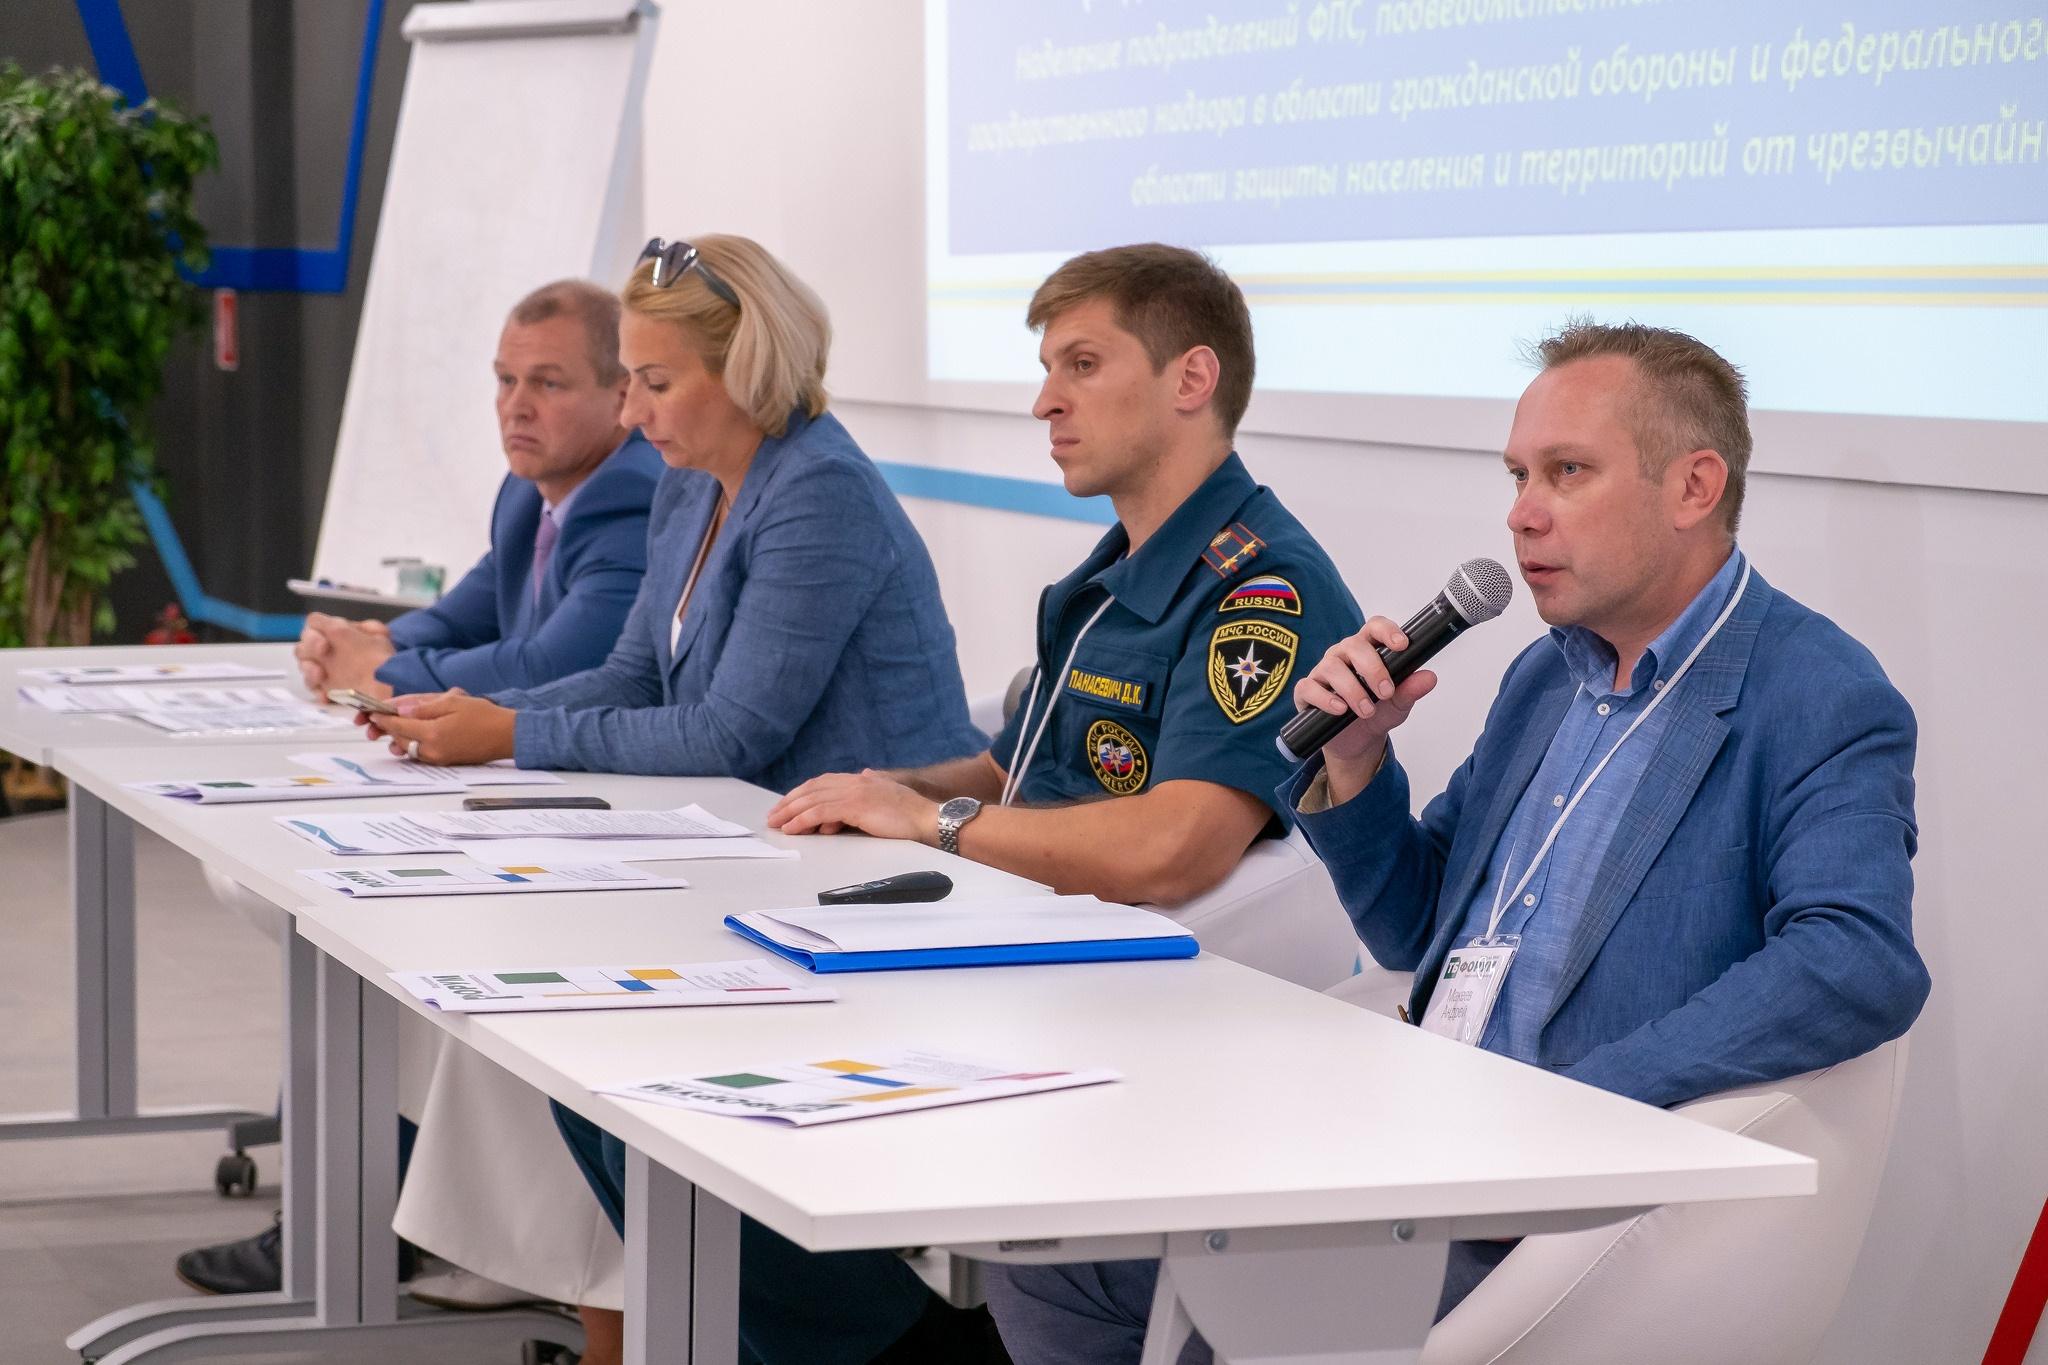 Уроки Кемерово: регуляторы, руководители по безопасности различных объектов, производители обсудят практики обеспечения пожарной безопасности в местах массового пребывания людей на ТБ Форуме 2019